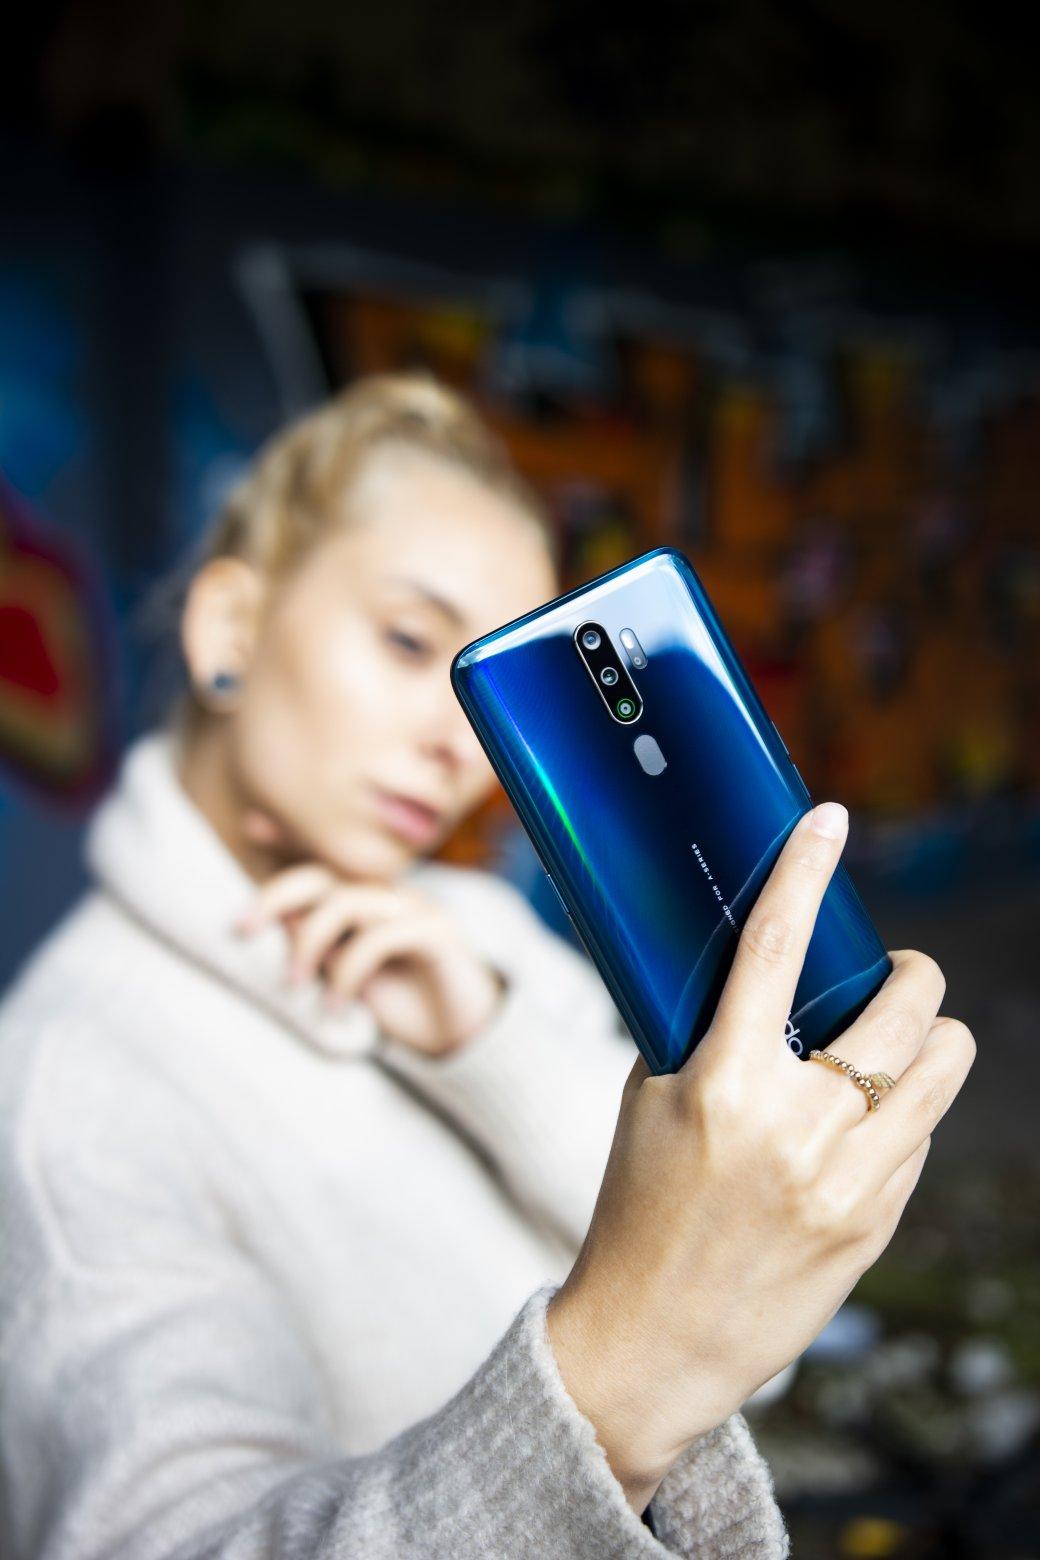 Обзор OPPO A5 2020 и OPPO A9 2020 - смартфоны с 4 камерами и 3D-дизайном, характеристики и цены | Канобу - Изображение 0